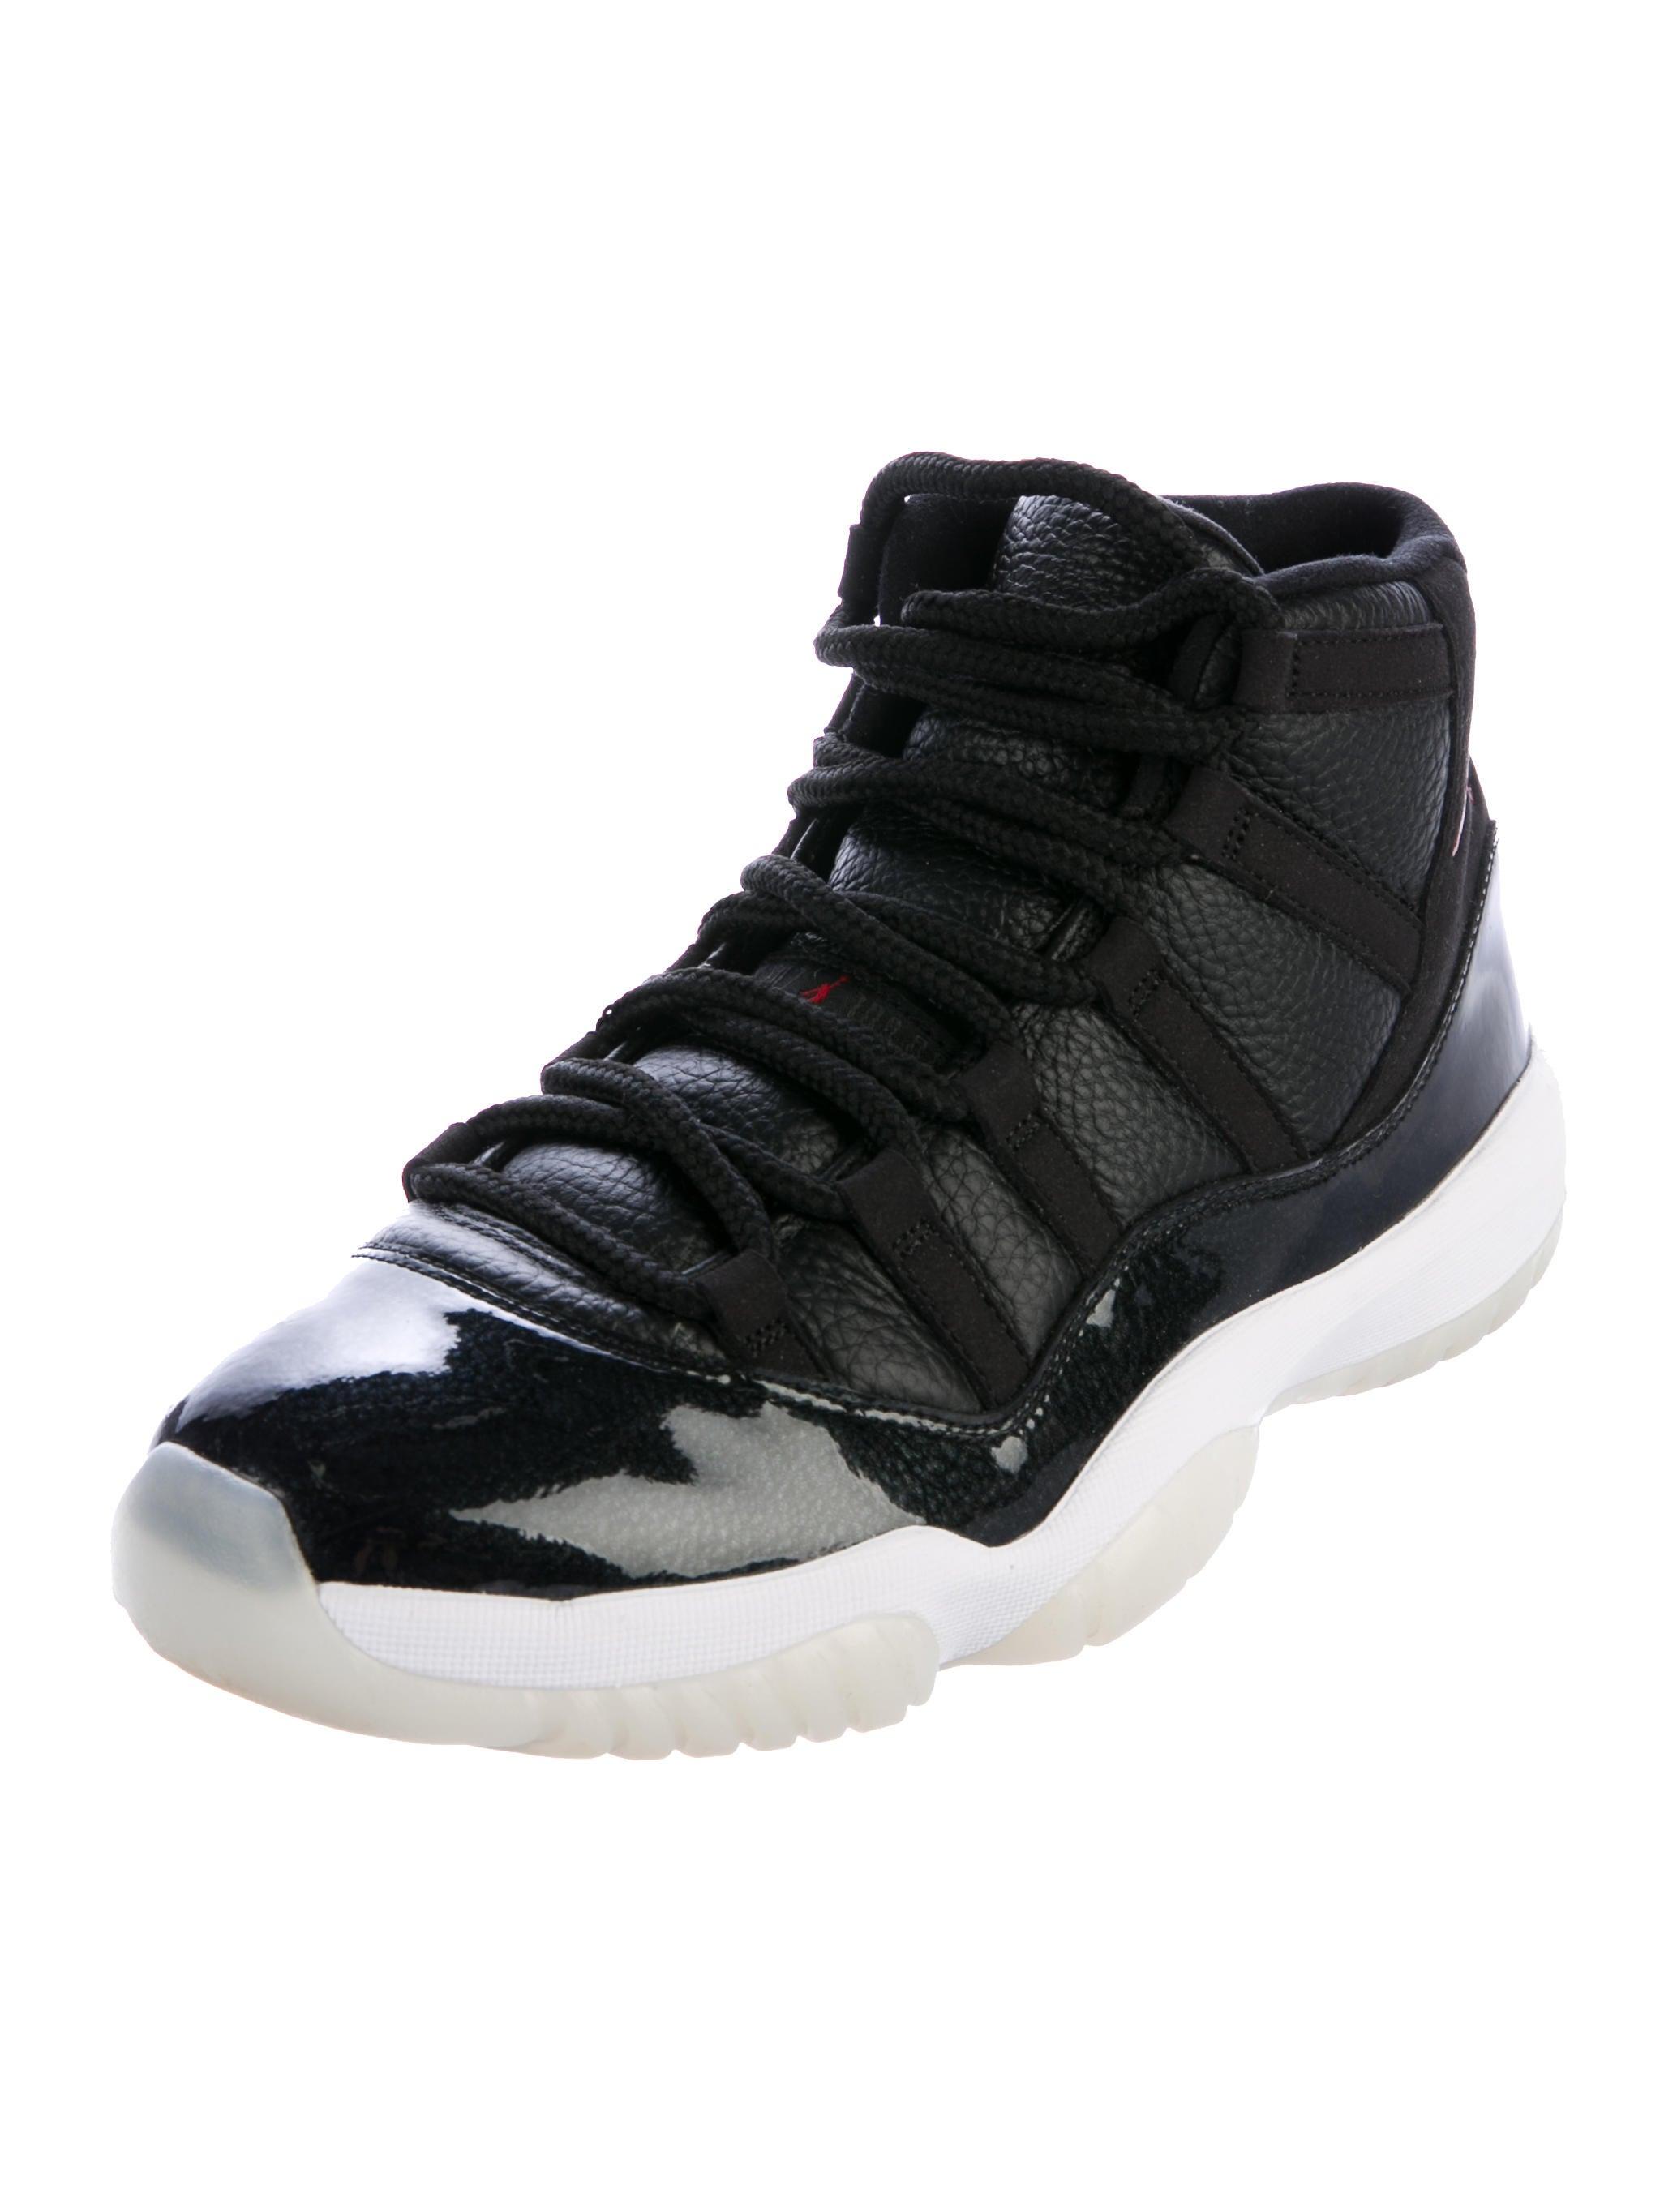 Nike Air Jordan 2015 11 Retro 72 10 Sneakers Shoes